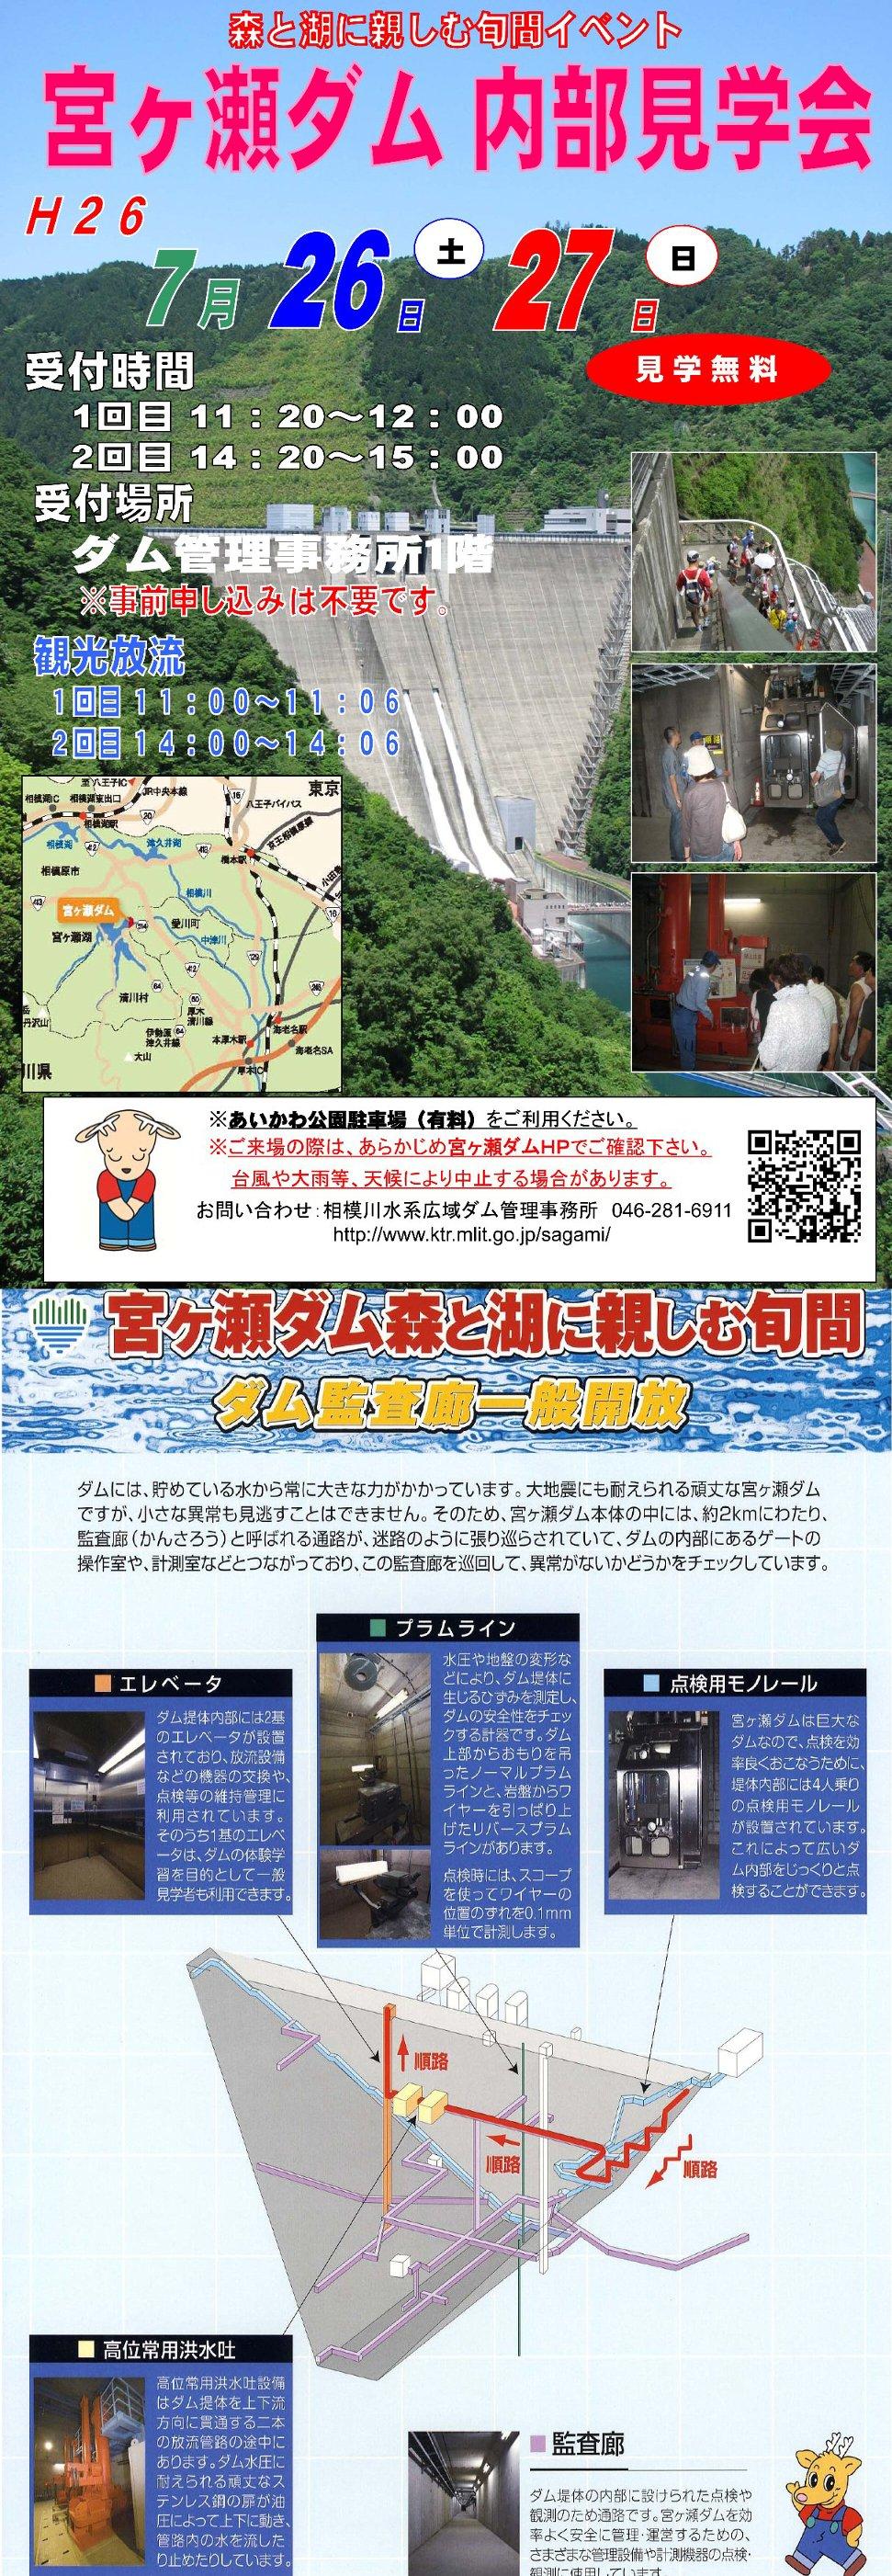 森と湖に親しむ旬間イベント 宮ヶ瀬ダム内部見学会を行います。